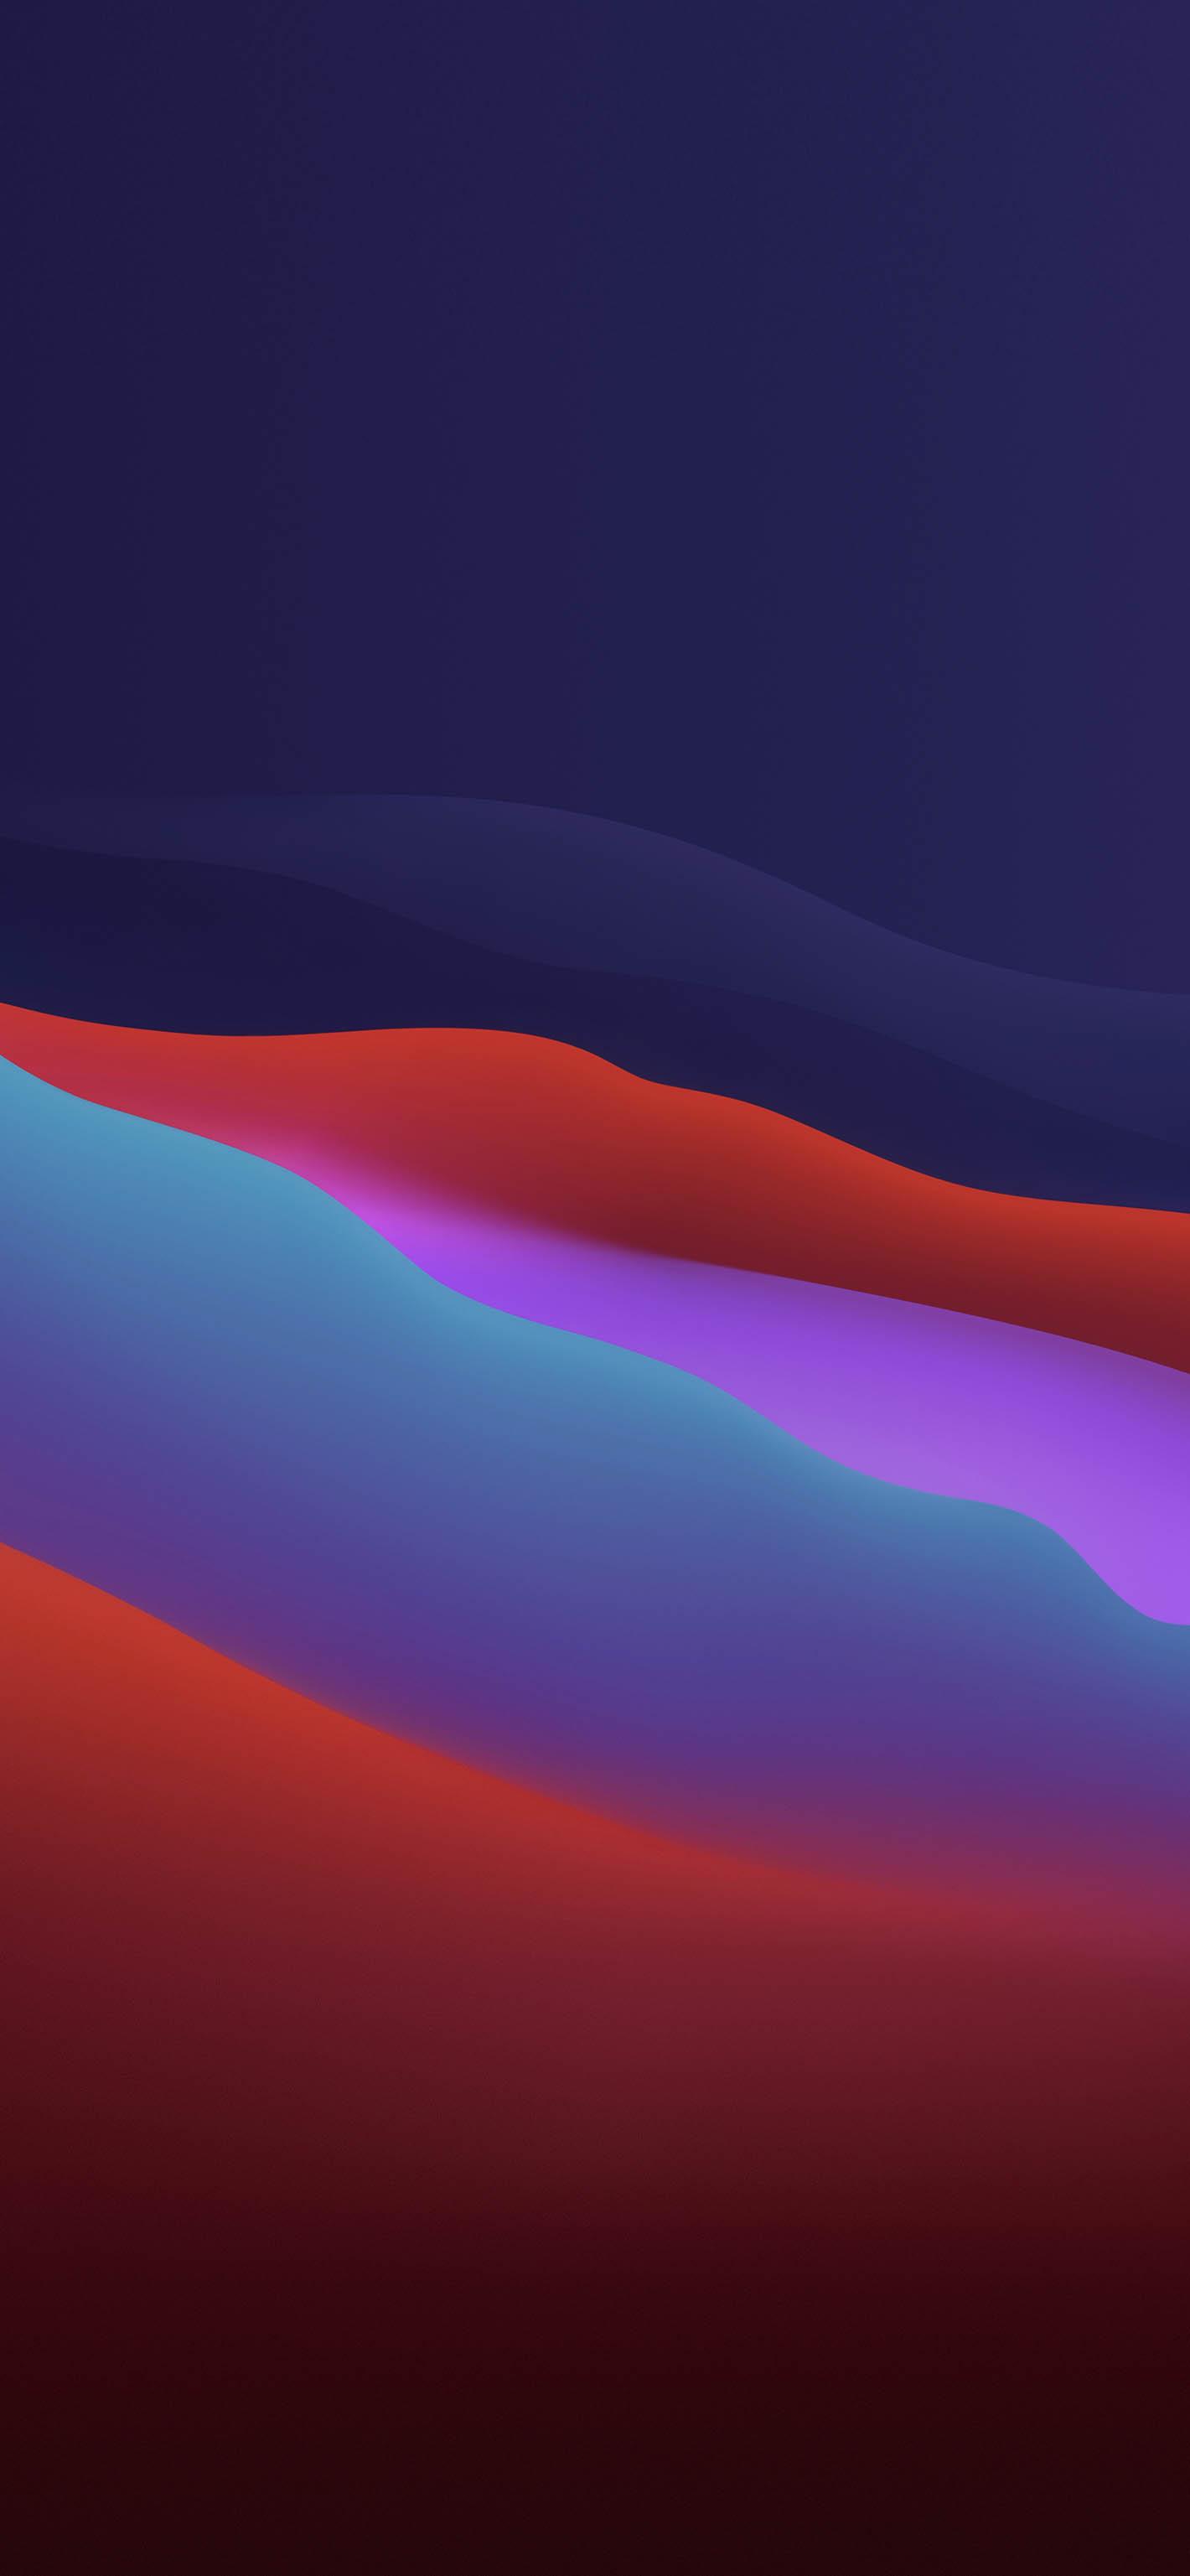 Fondo iOS 14 varios colores oscuro